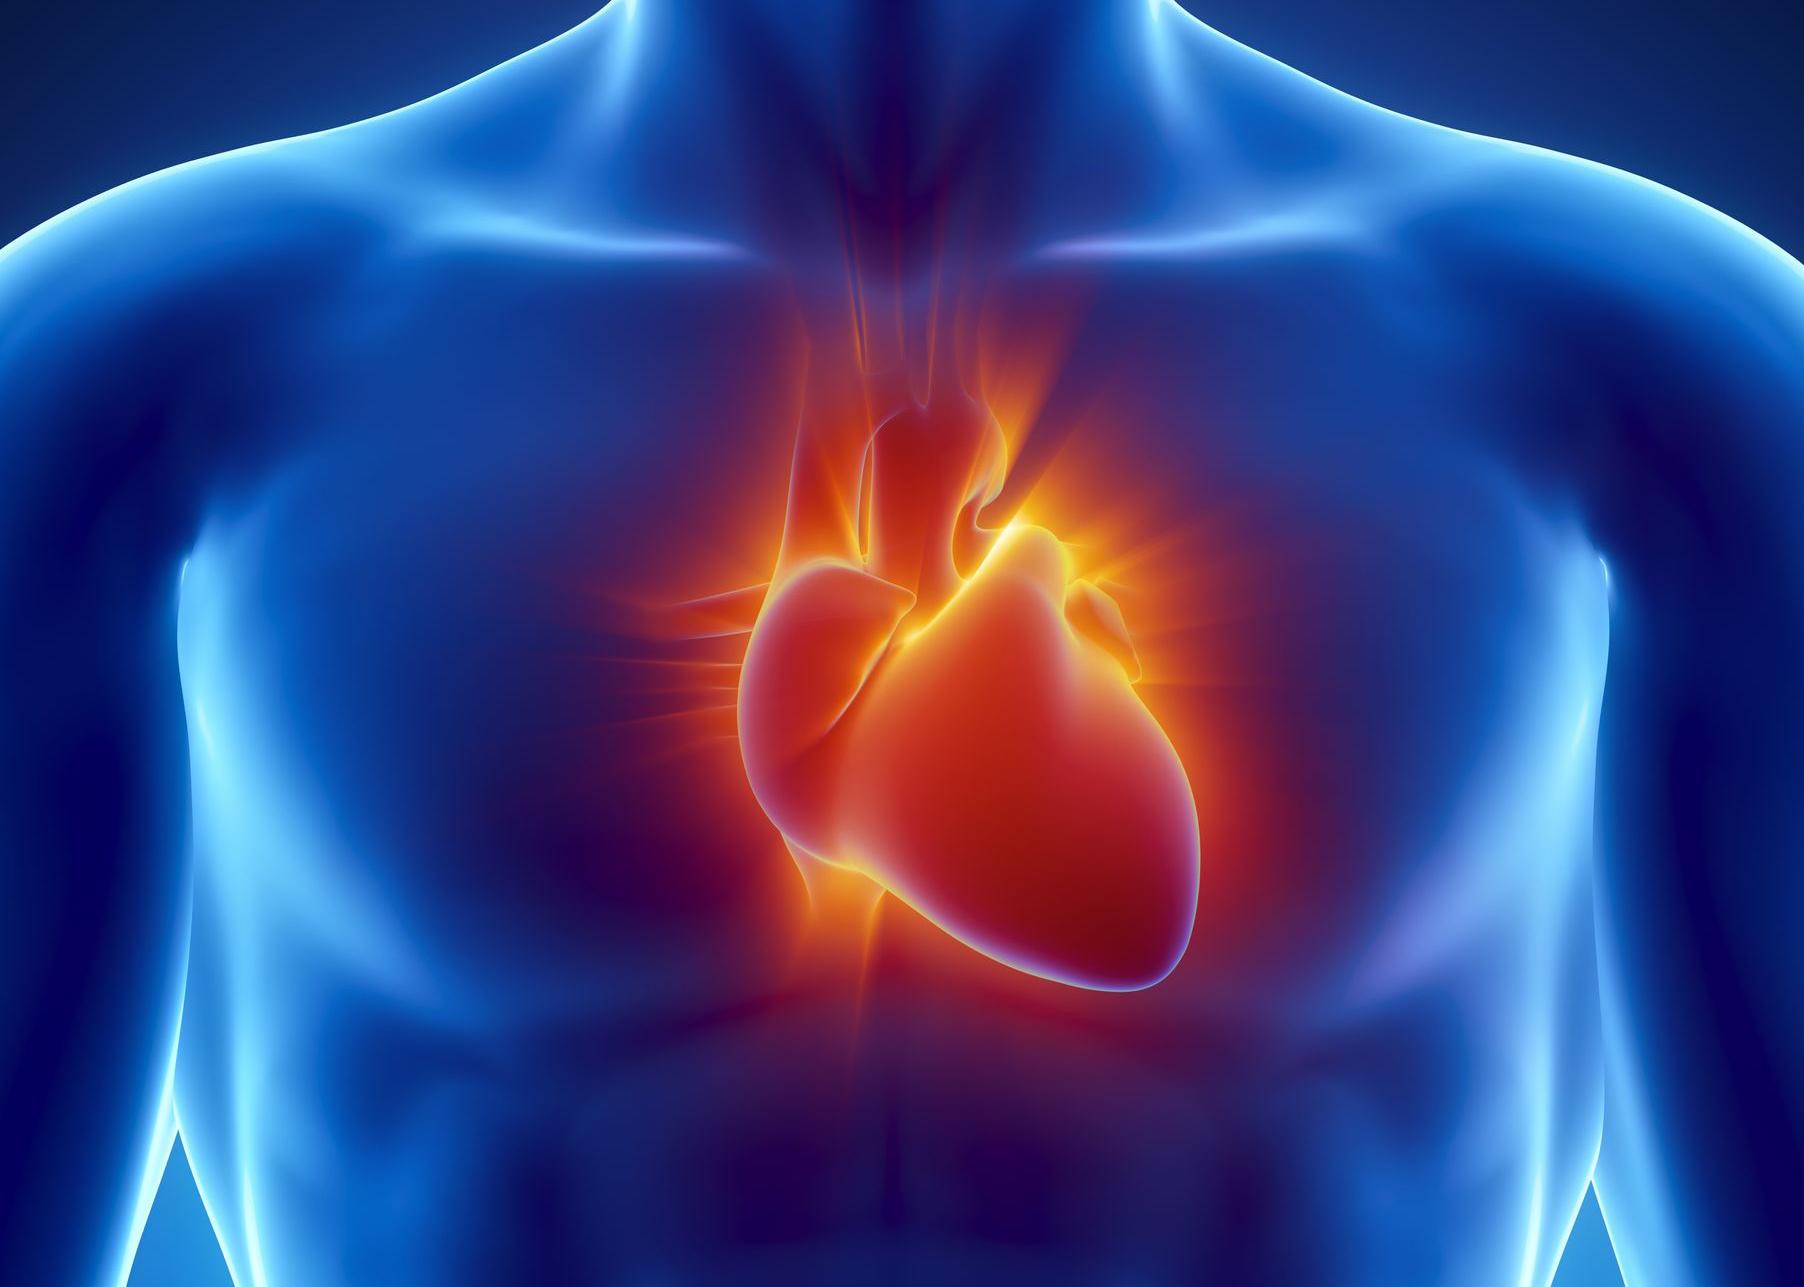 Un medicamento para la gota logra reducir el riesgo cardiovascular en pacientes con enfermedad coronaria crónica